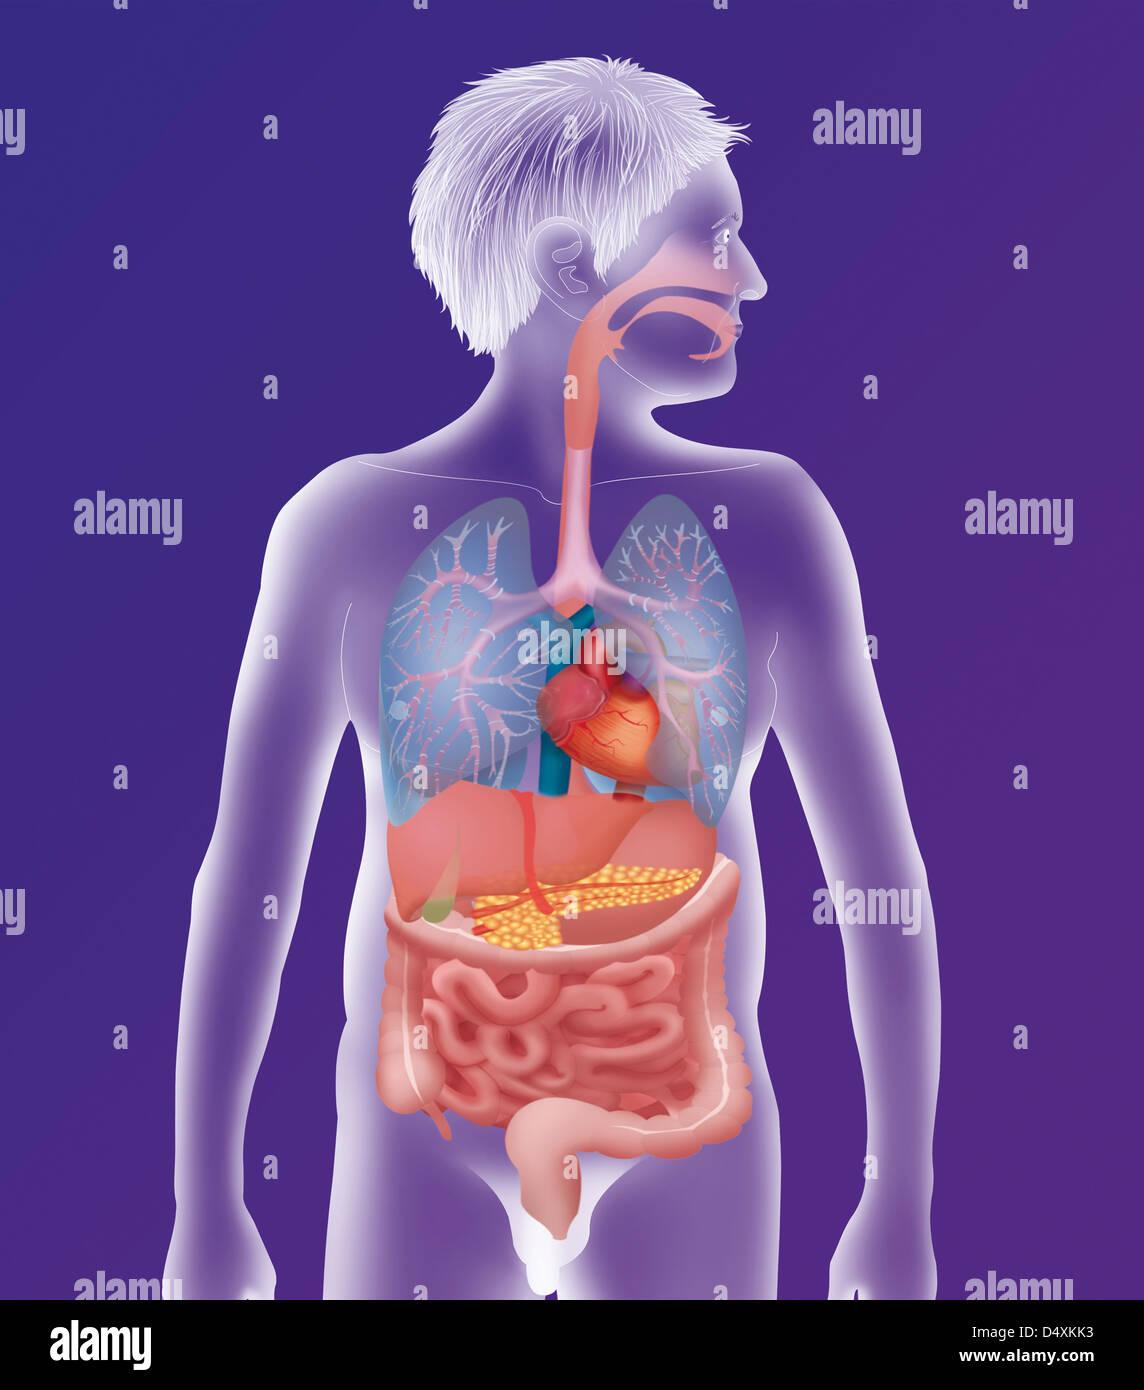 Großartig Anatomie Und Physiologie Antwortschlüssel Ideen ...